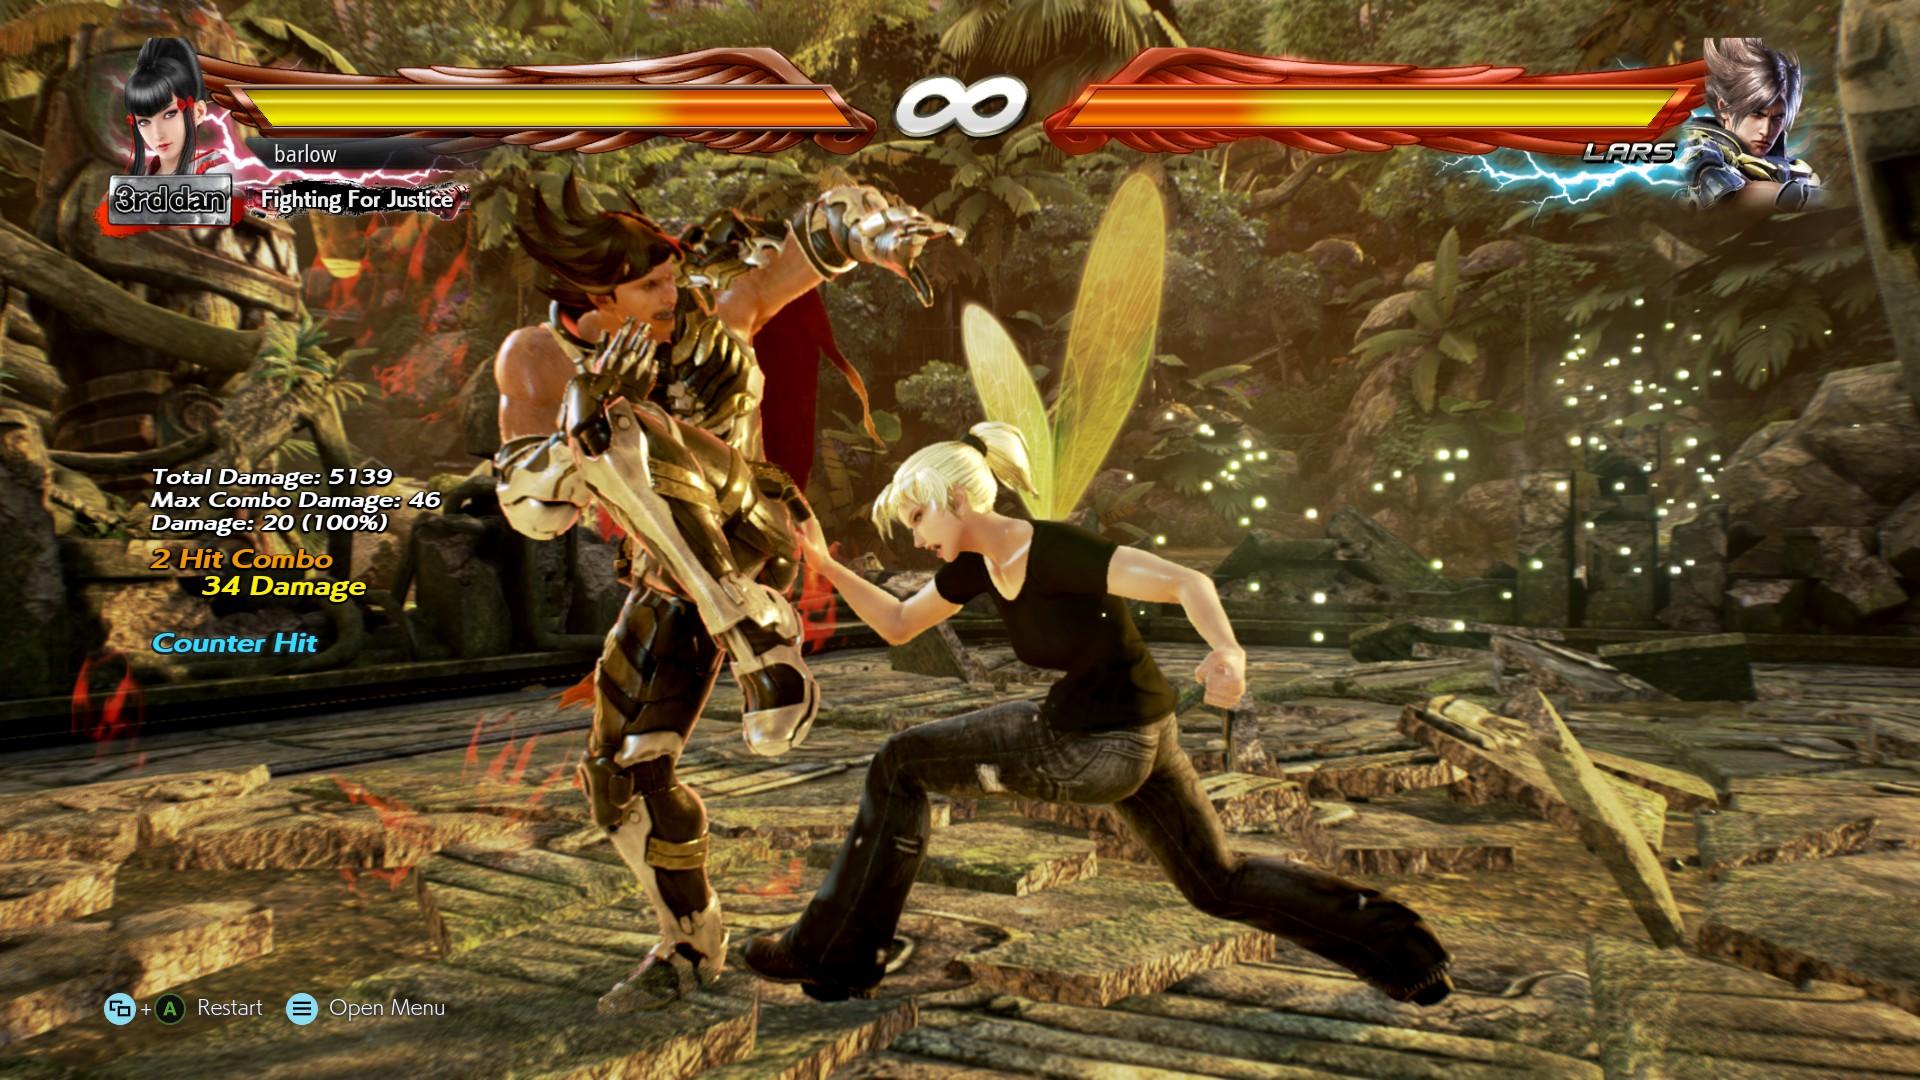 Tekken 7 - jde se bojovat o čest, slávu, peníze a nový klobouk 145300